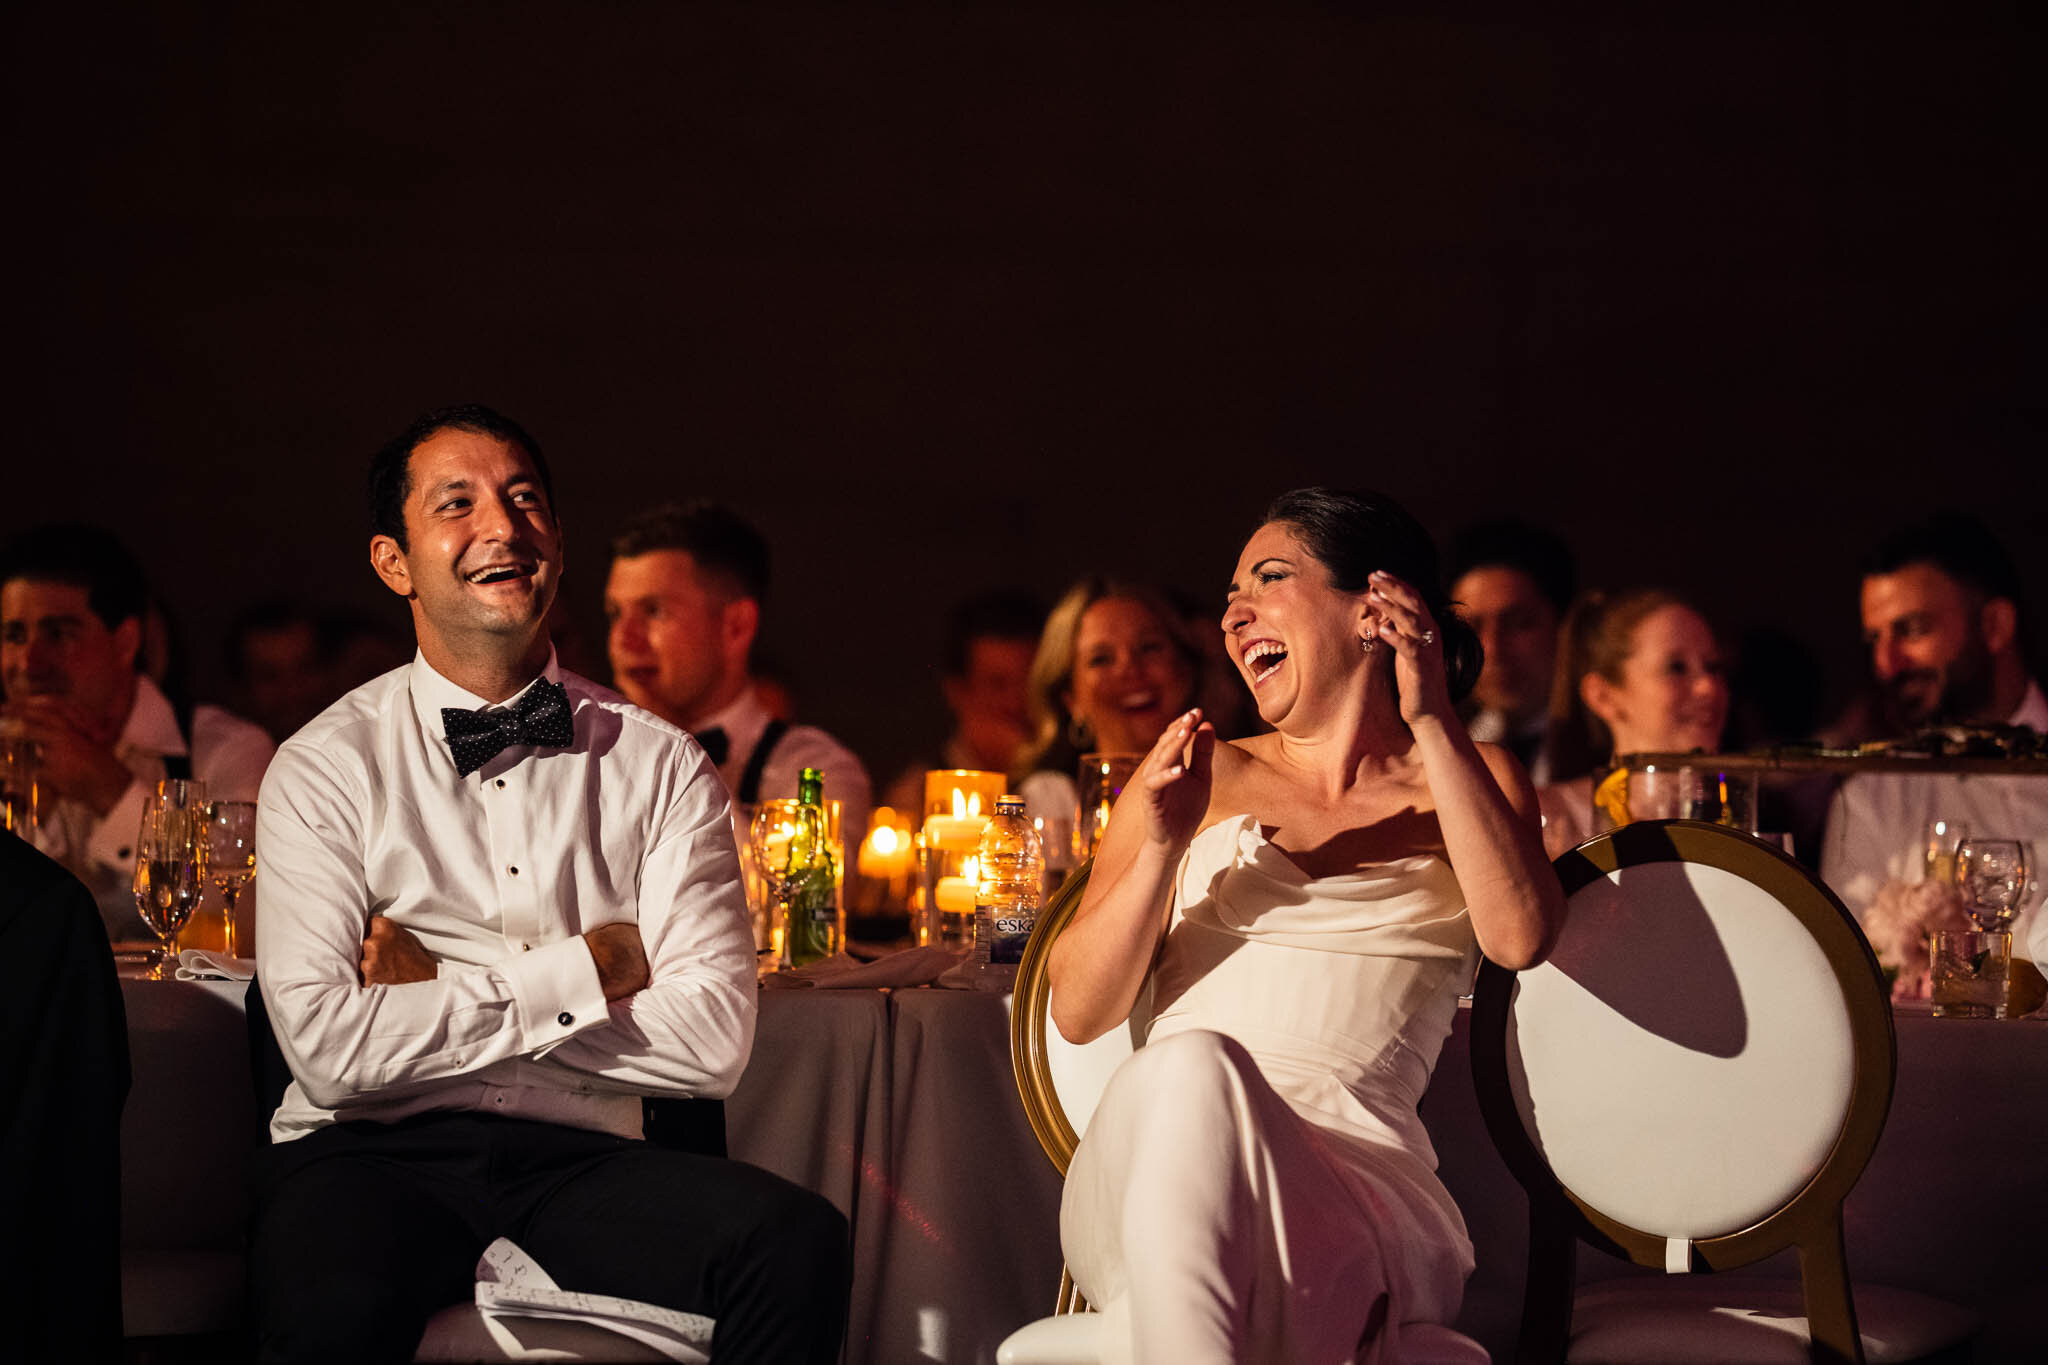 Montreal Wedding Photographer AshleyMacPhee (41 of 49).jpg